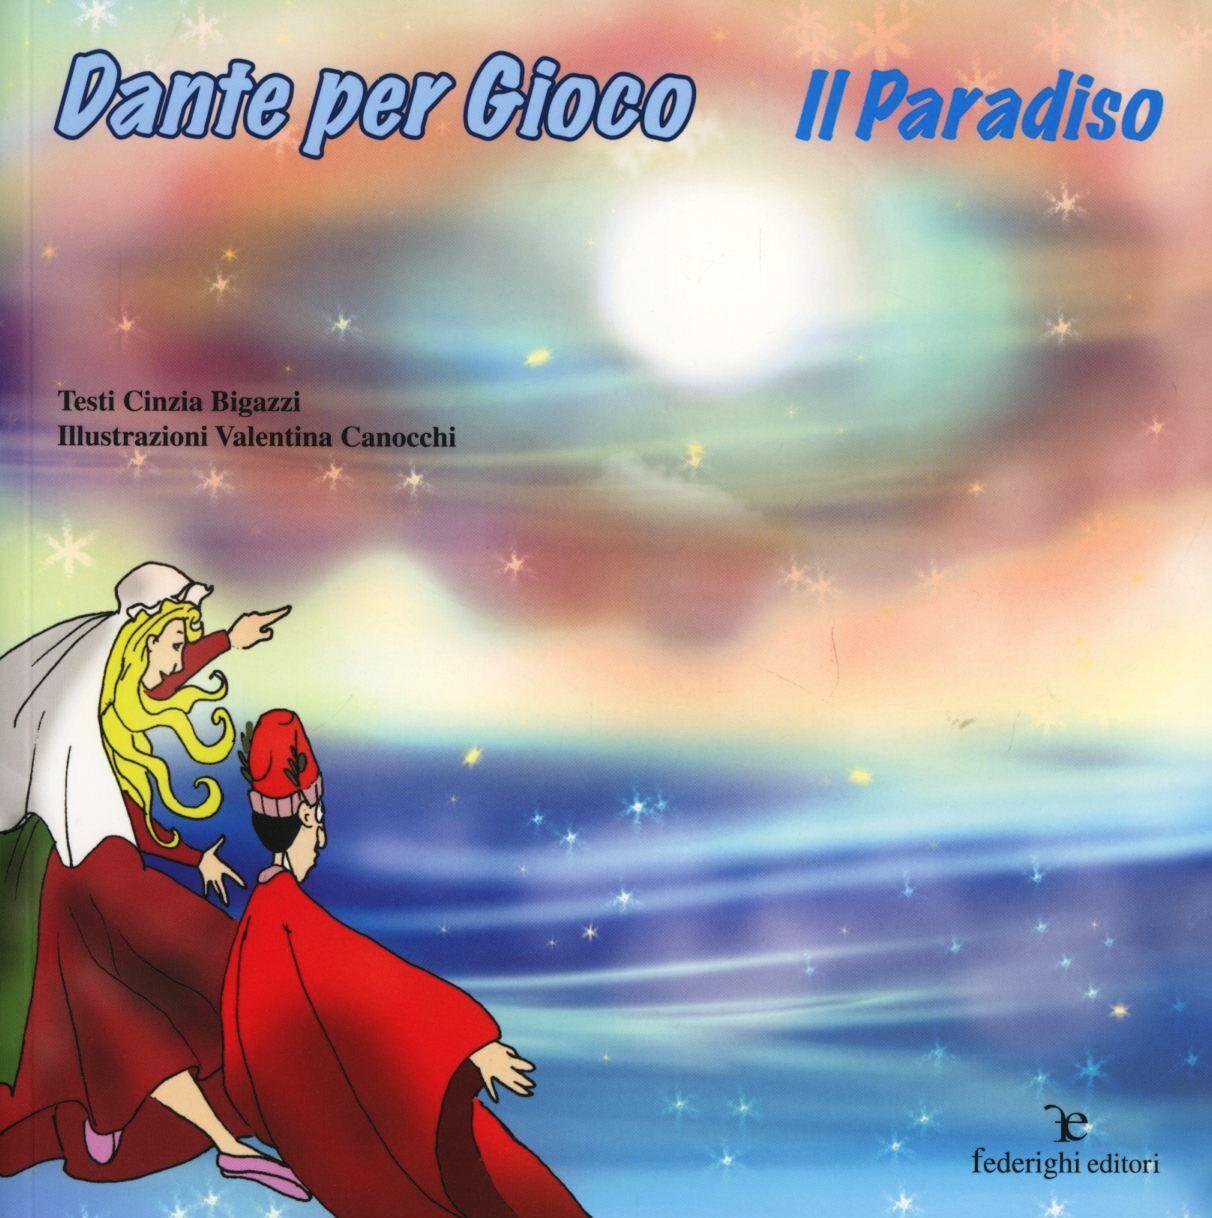 Dante per gioco. Il Paradiso